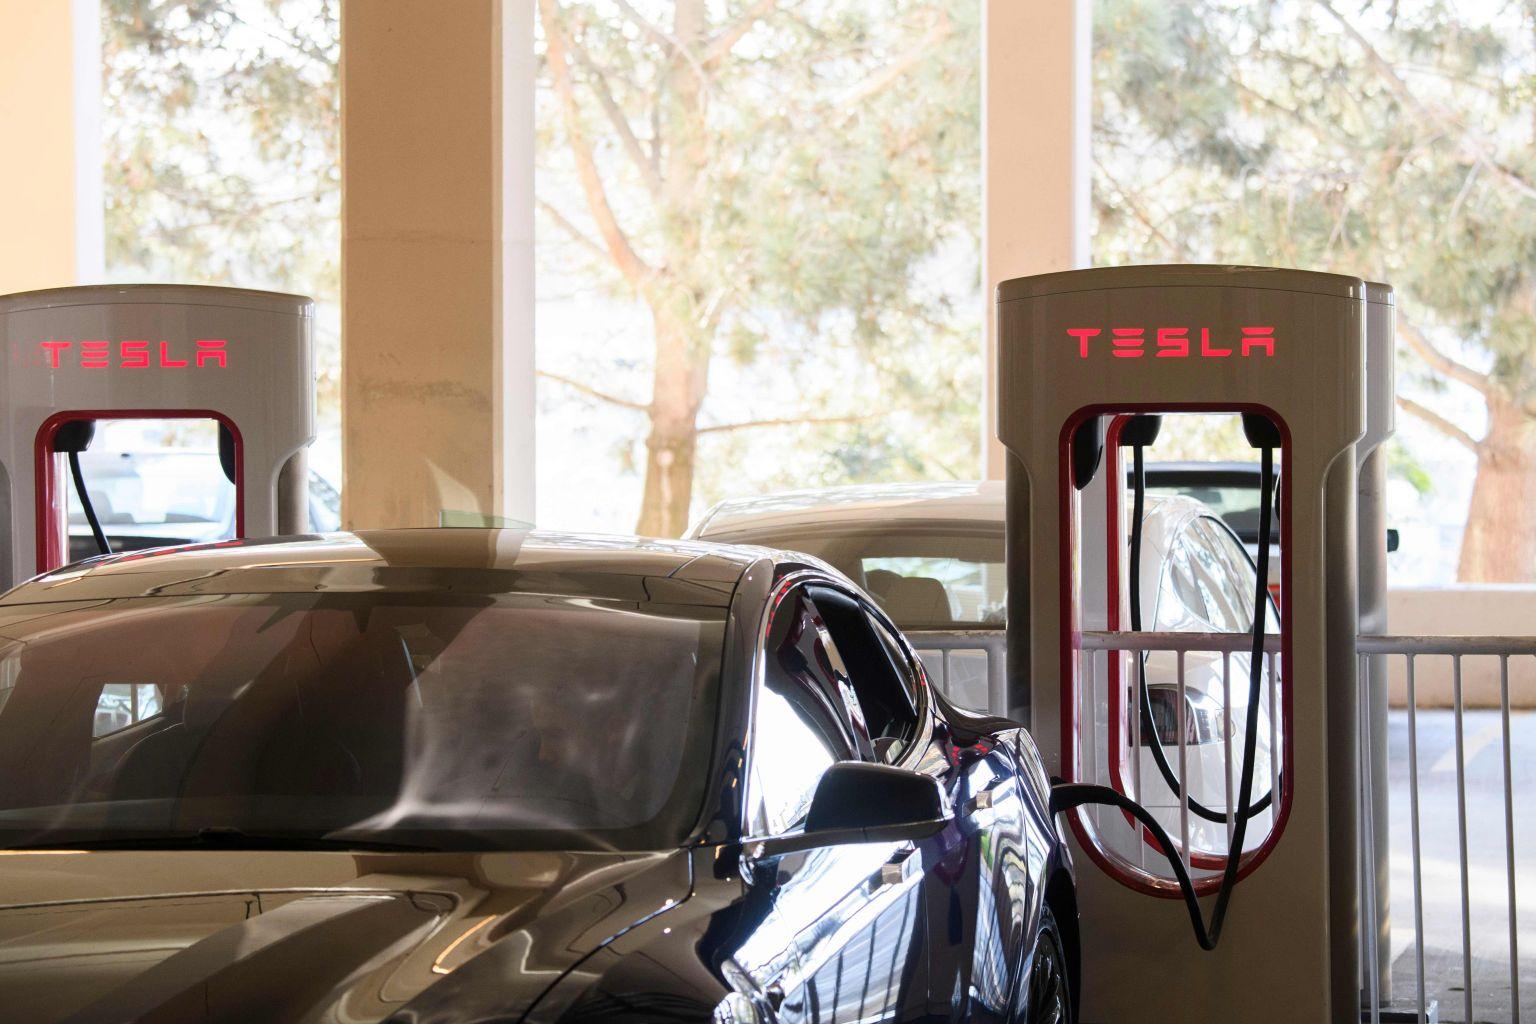 Tesla zet 3 EV-oplaadpunten op in S'pore's Orchard, om de komende maanden meer punten toe te voegen